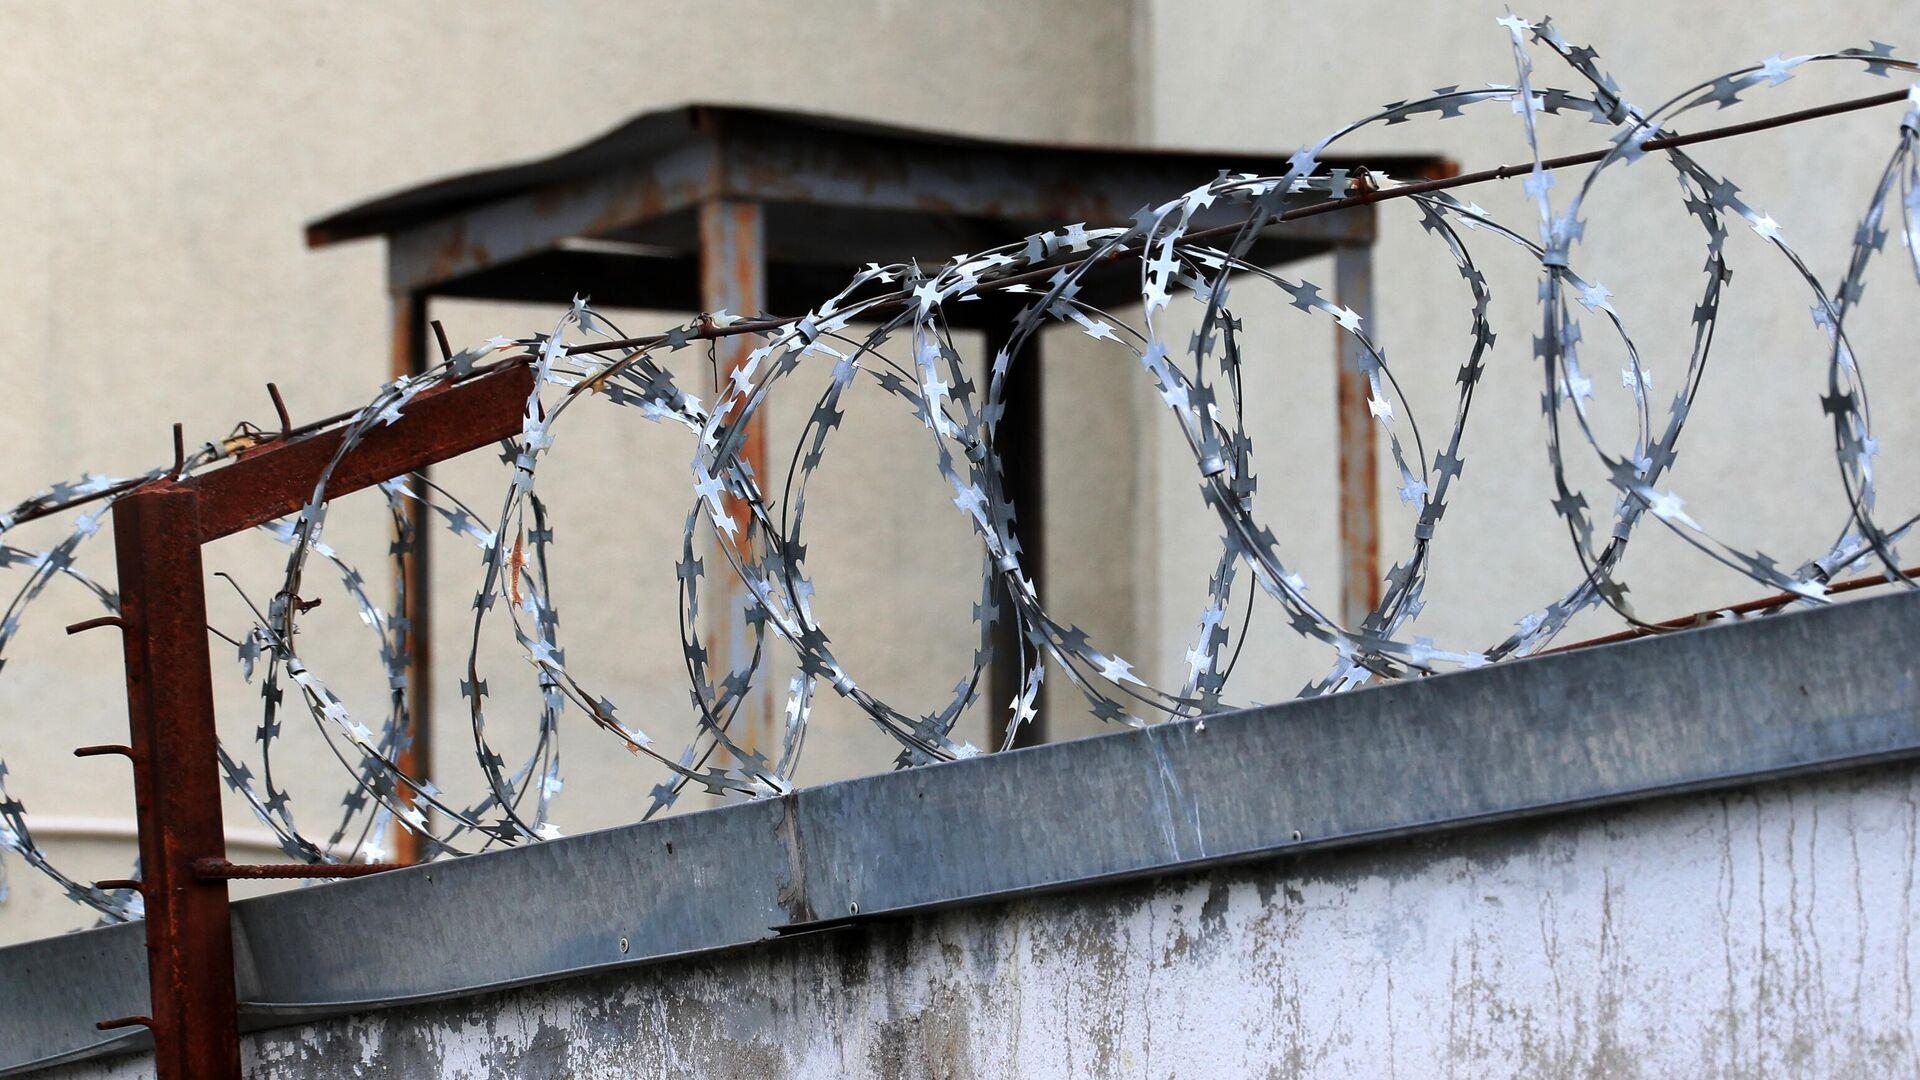 Адвокат рассказала о новых жалобах заключенных на пытки в Саратове